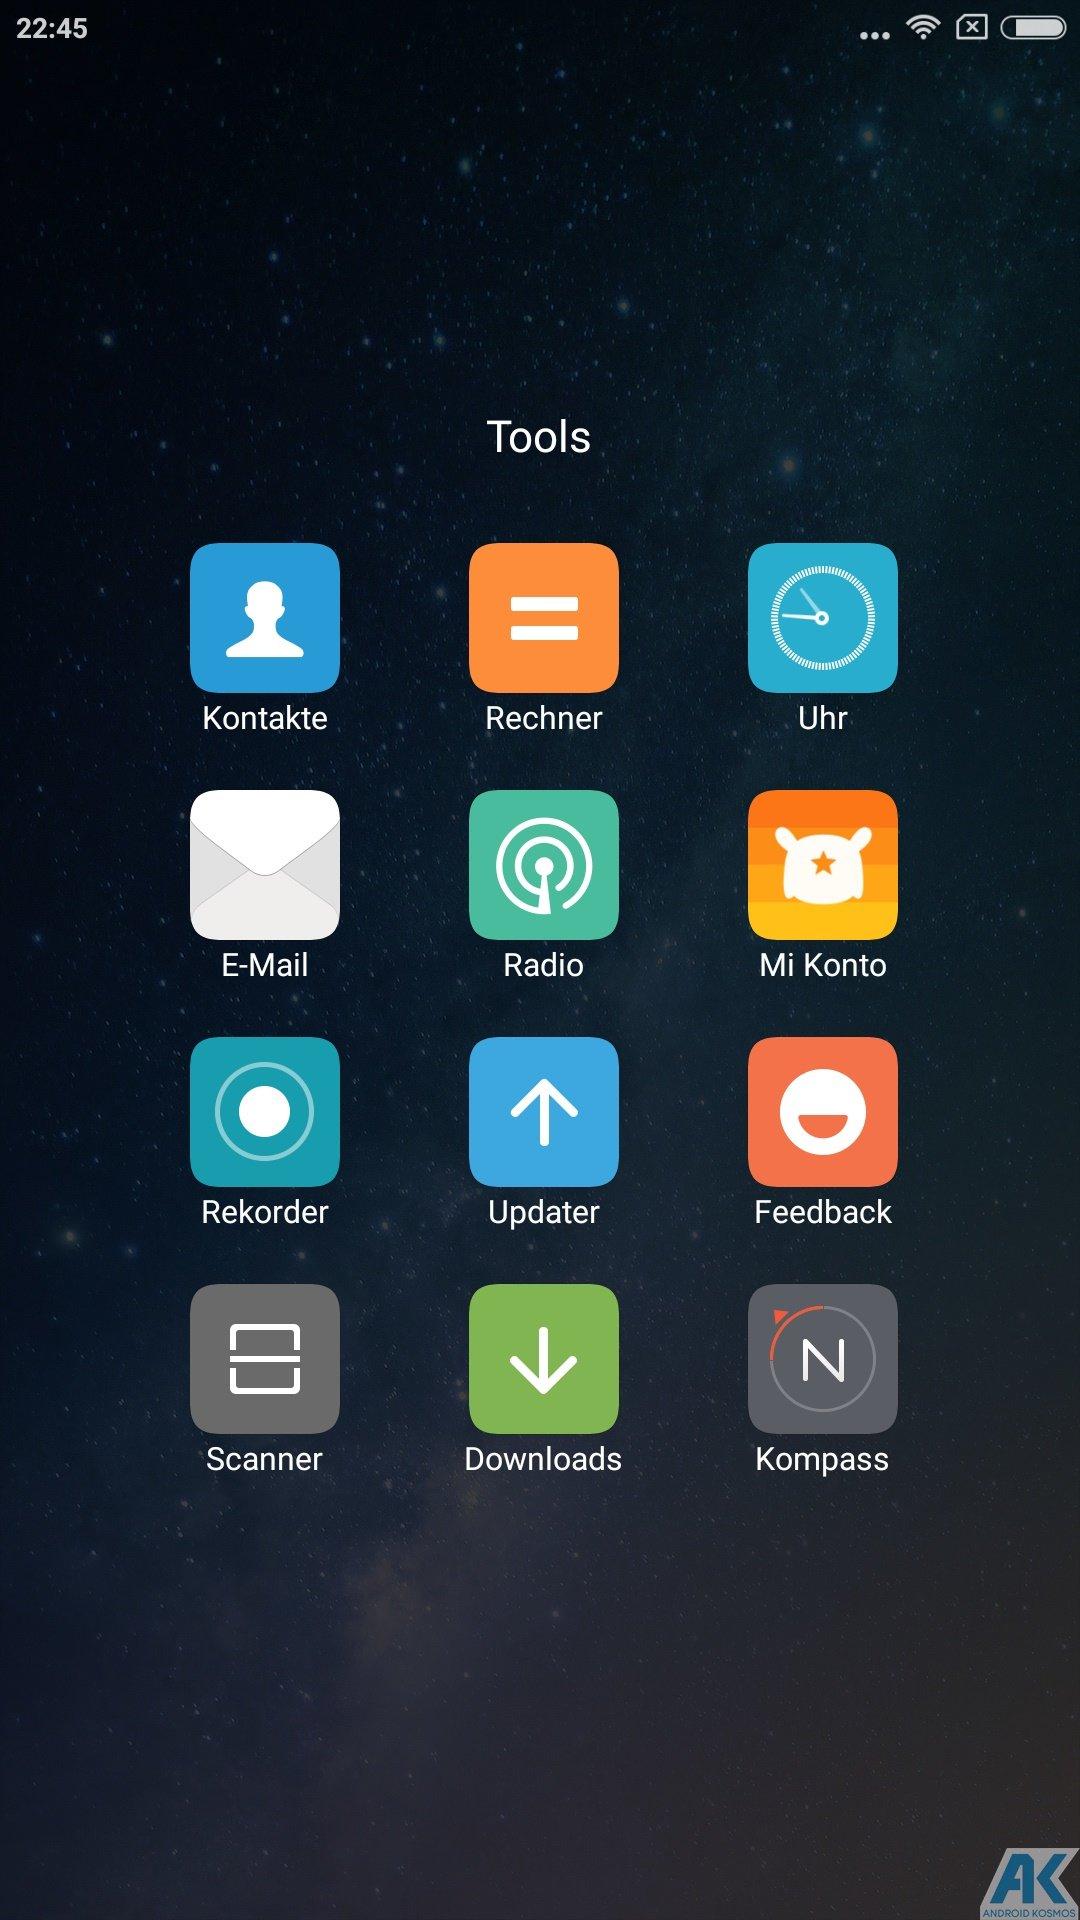 Xiaomi Mi Max 2 Test: Das Phablet ist ein wahrer Akkugigant 33